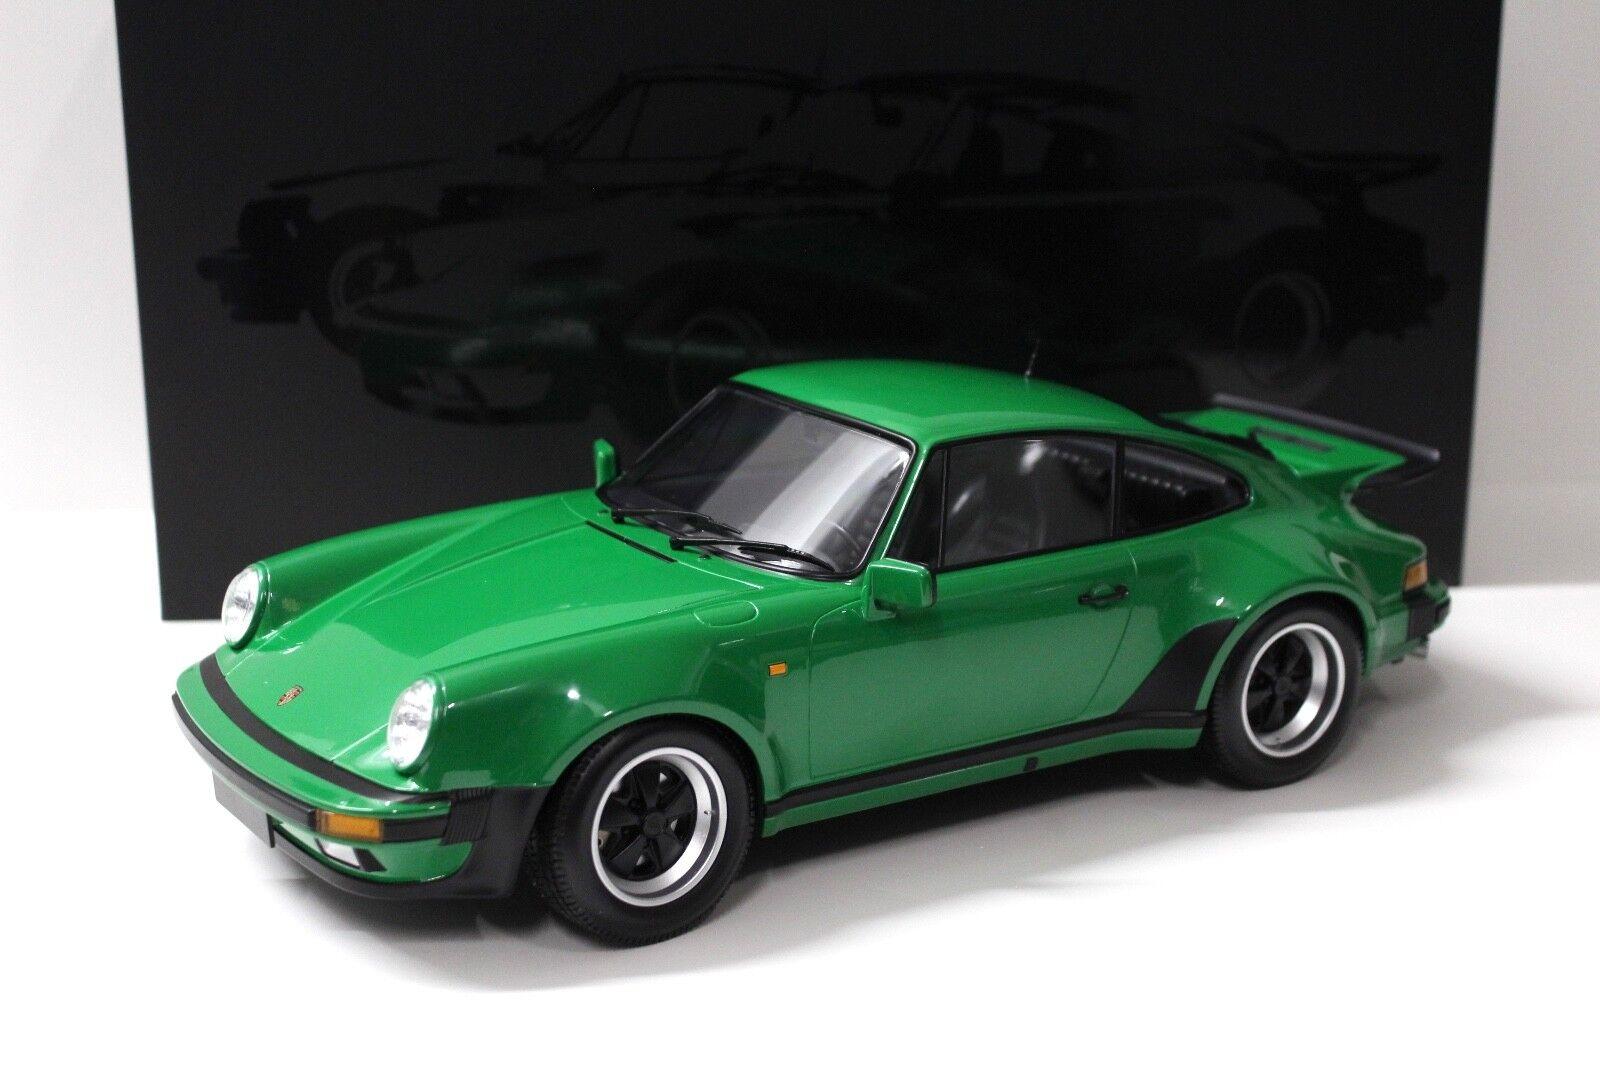 1 12 Minichamps Porsche 911 (930) Turbo 1977 vert NEW chez Premium-modelcars